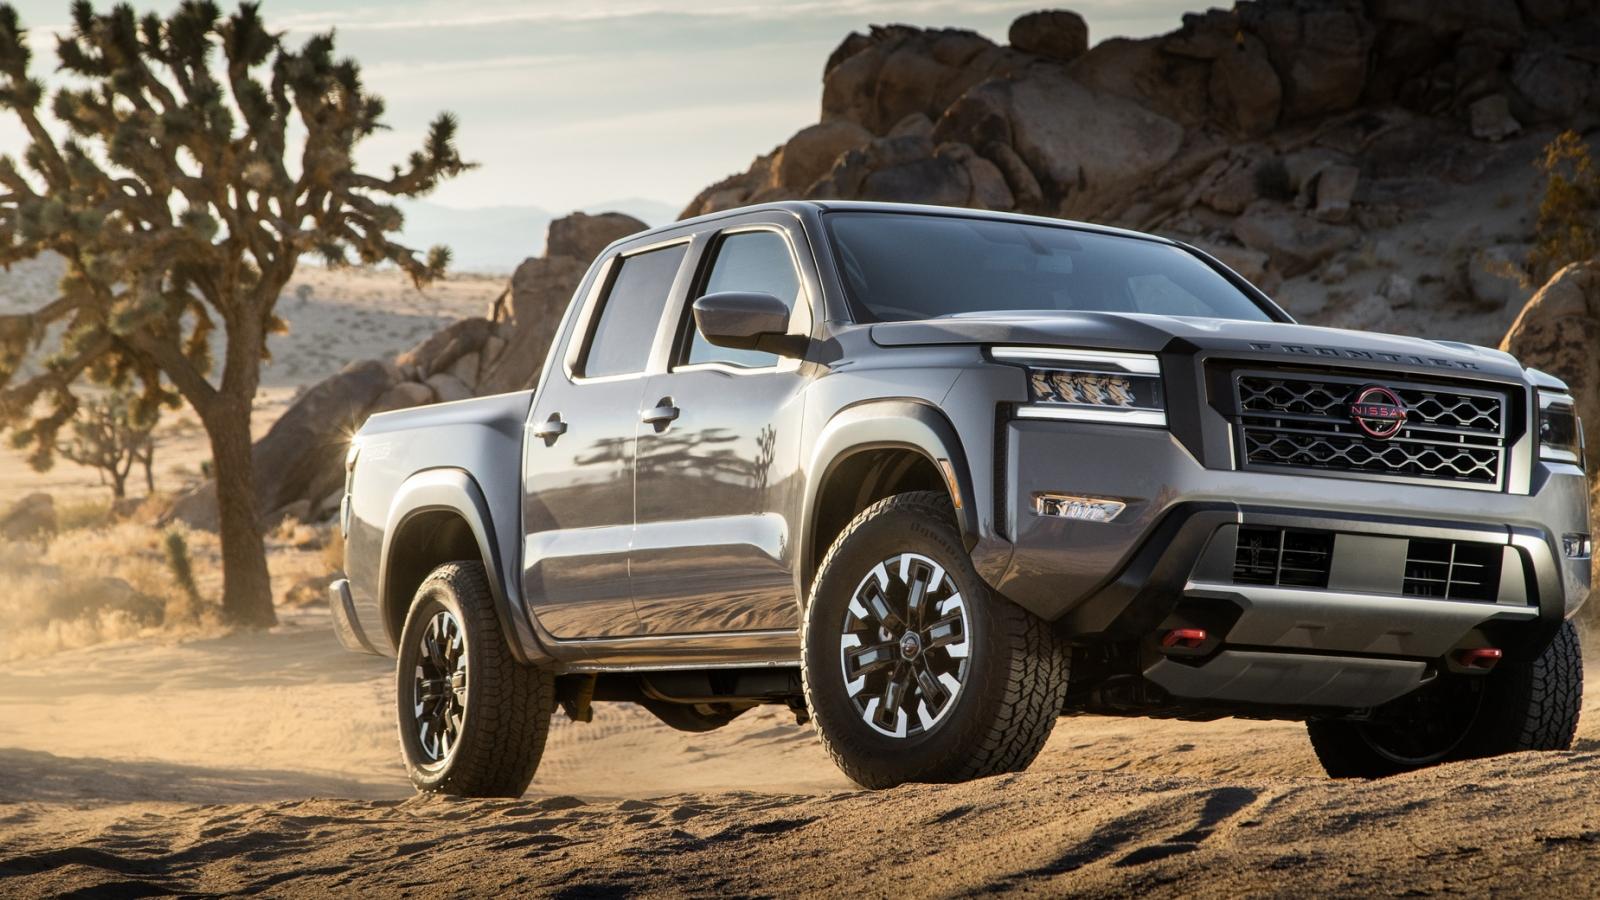 Nissan ra mắt Frontier 2022 tại thị trường Bắc Mỹ